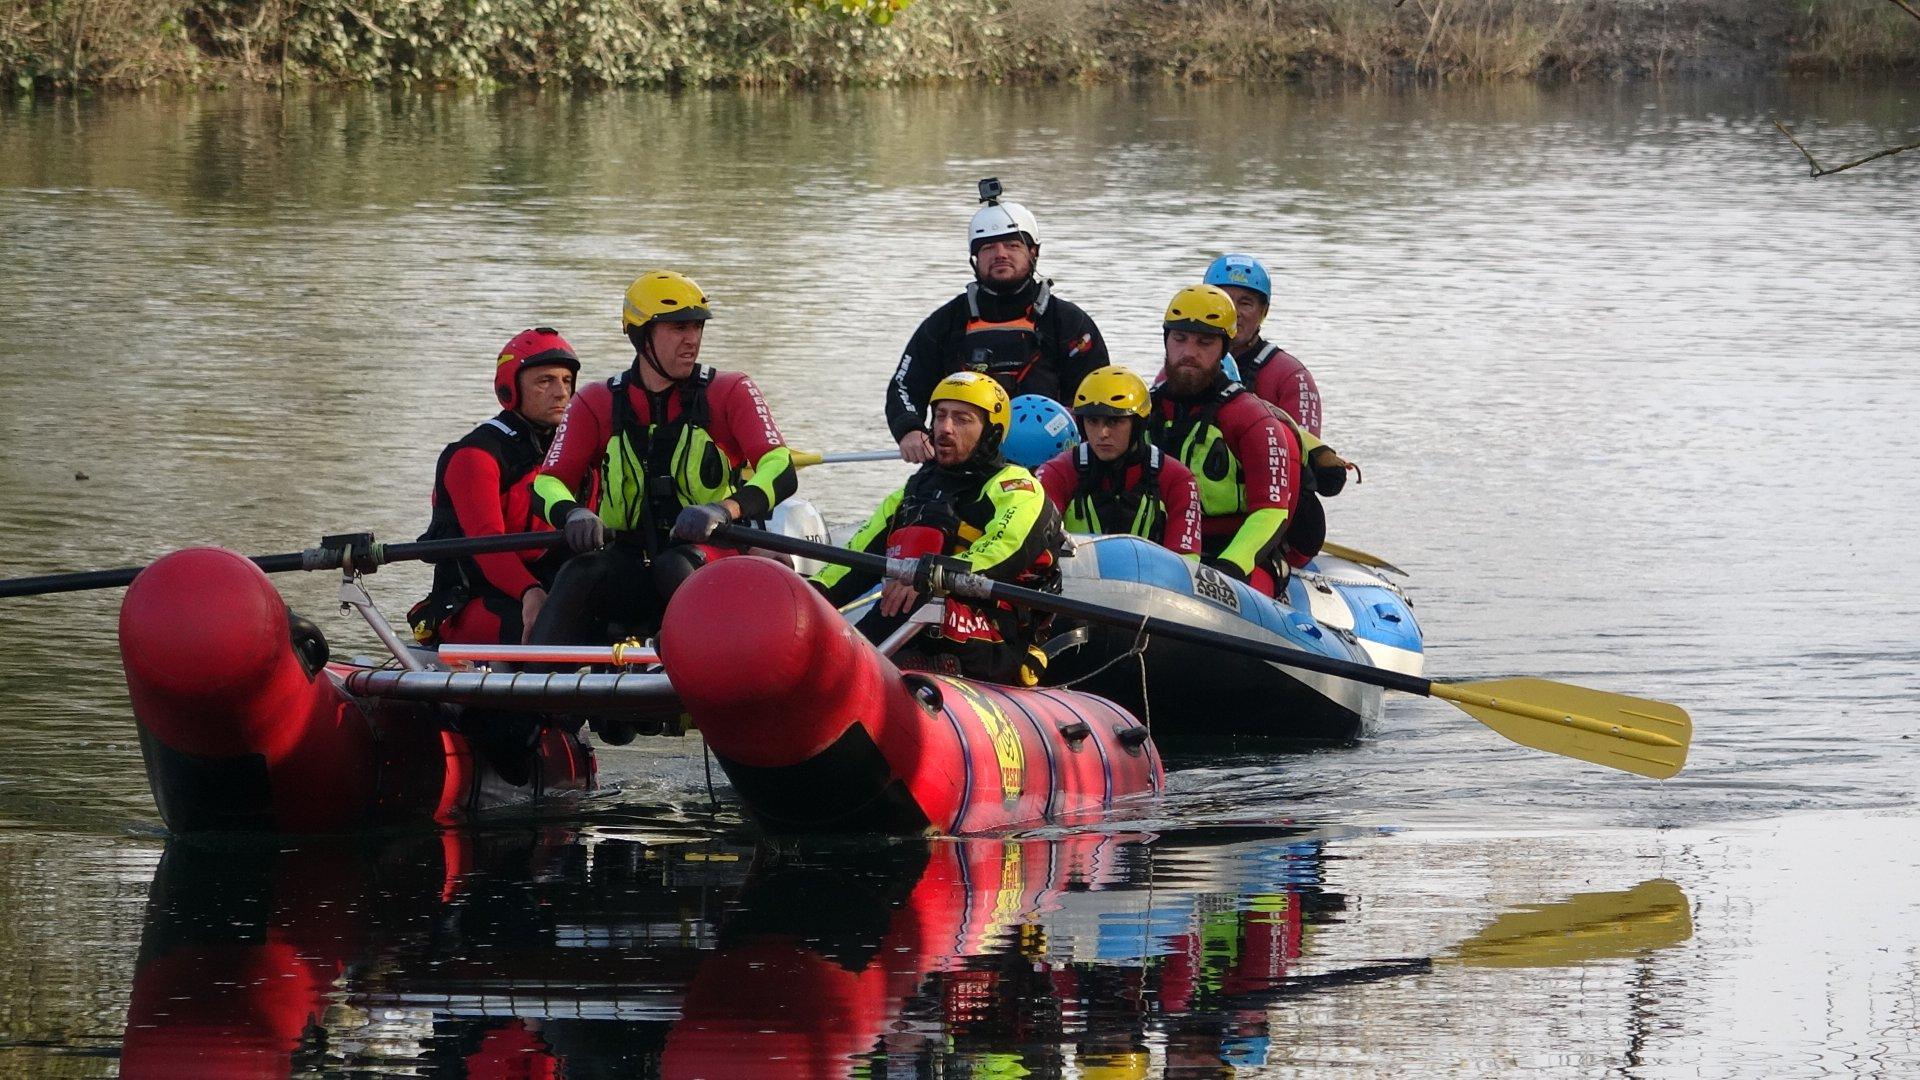 Corso S.A.R. - Search And Rescue